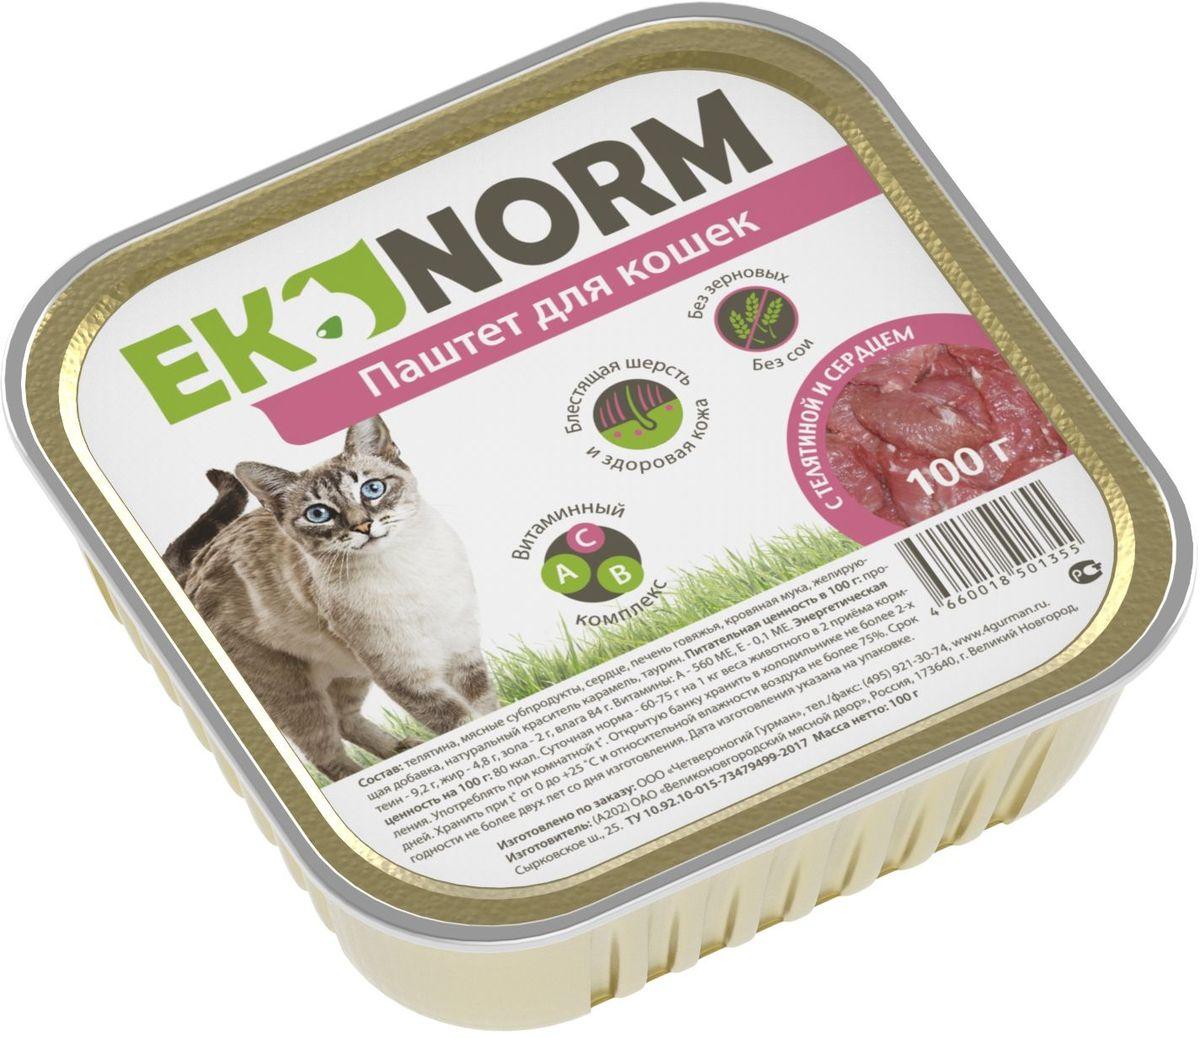 Корм консервированный для кошек Ekonorm Паштет, с индейкой и потрошками, 100 г606201002Корм консервированный для кошек Ekonorm - это уникальный продукт для правильного питания домашних животных. Состав: индейка, мясные субпродукты, печень говяжья, плазма крови, желирующая добавка, натуральный краситель карамель, таурин.Протеин — 9 г, жир — 5 г, зола — 2 г, влага — 84 г.А — 560 МЕ, Е — 0,02 МЕ.